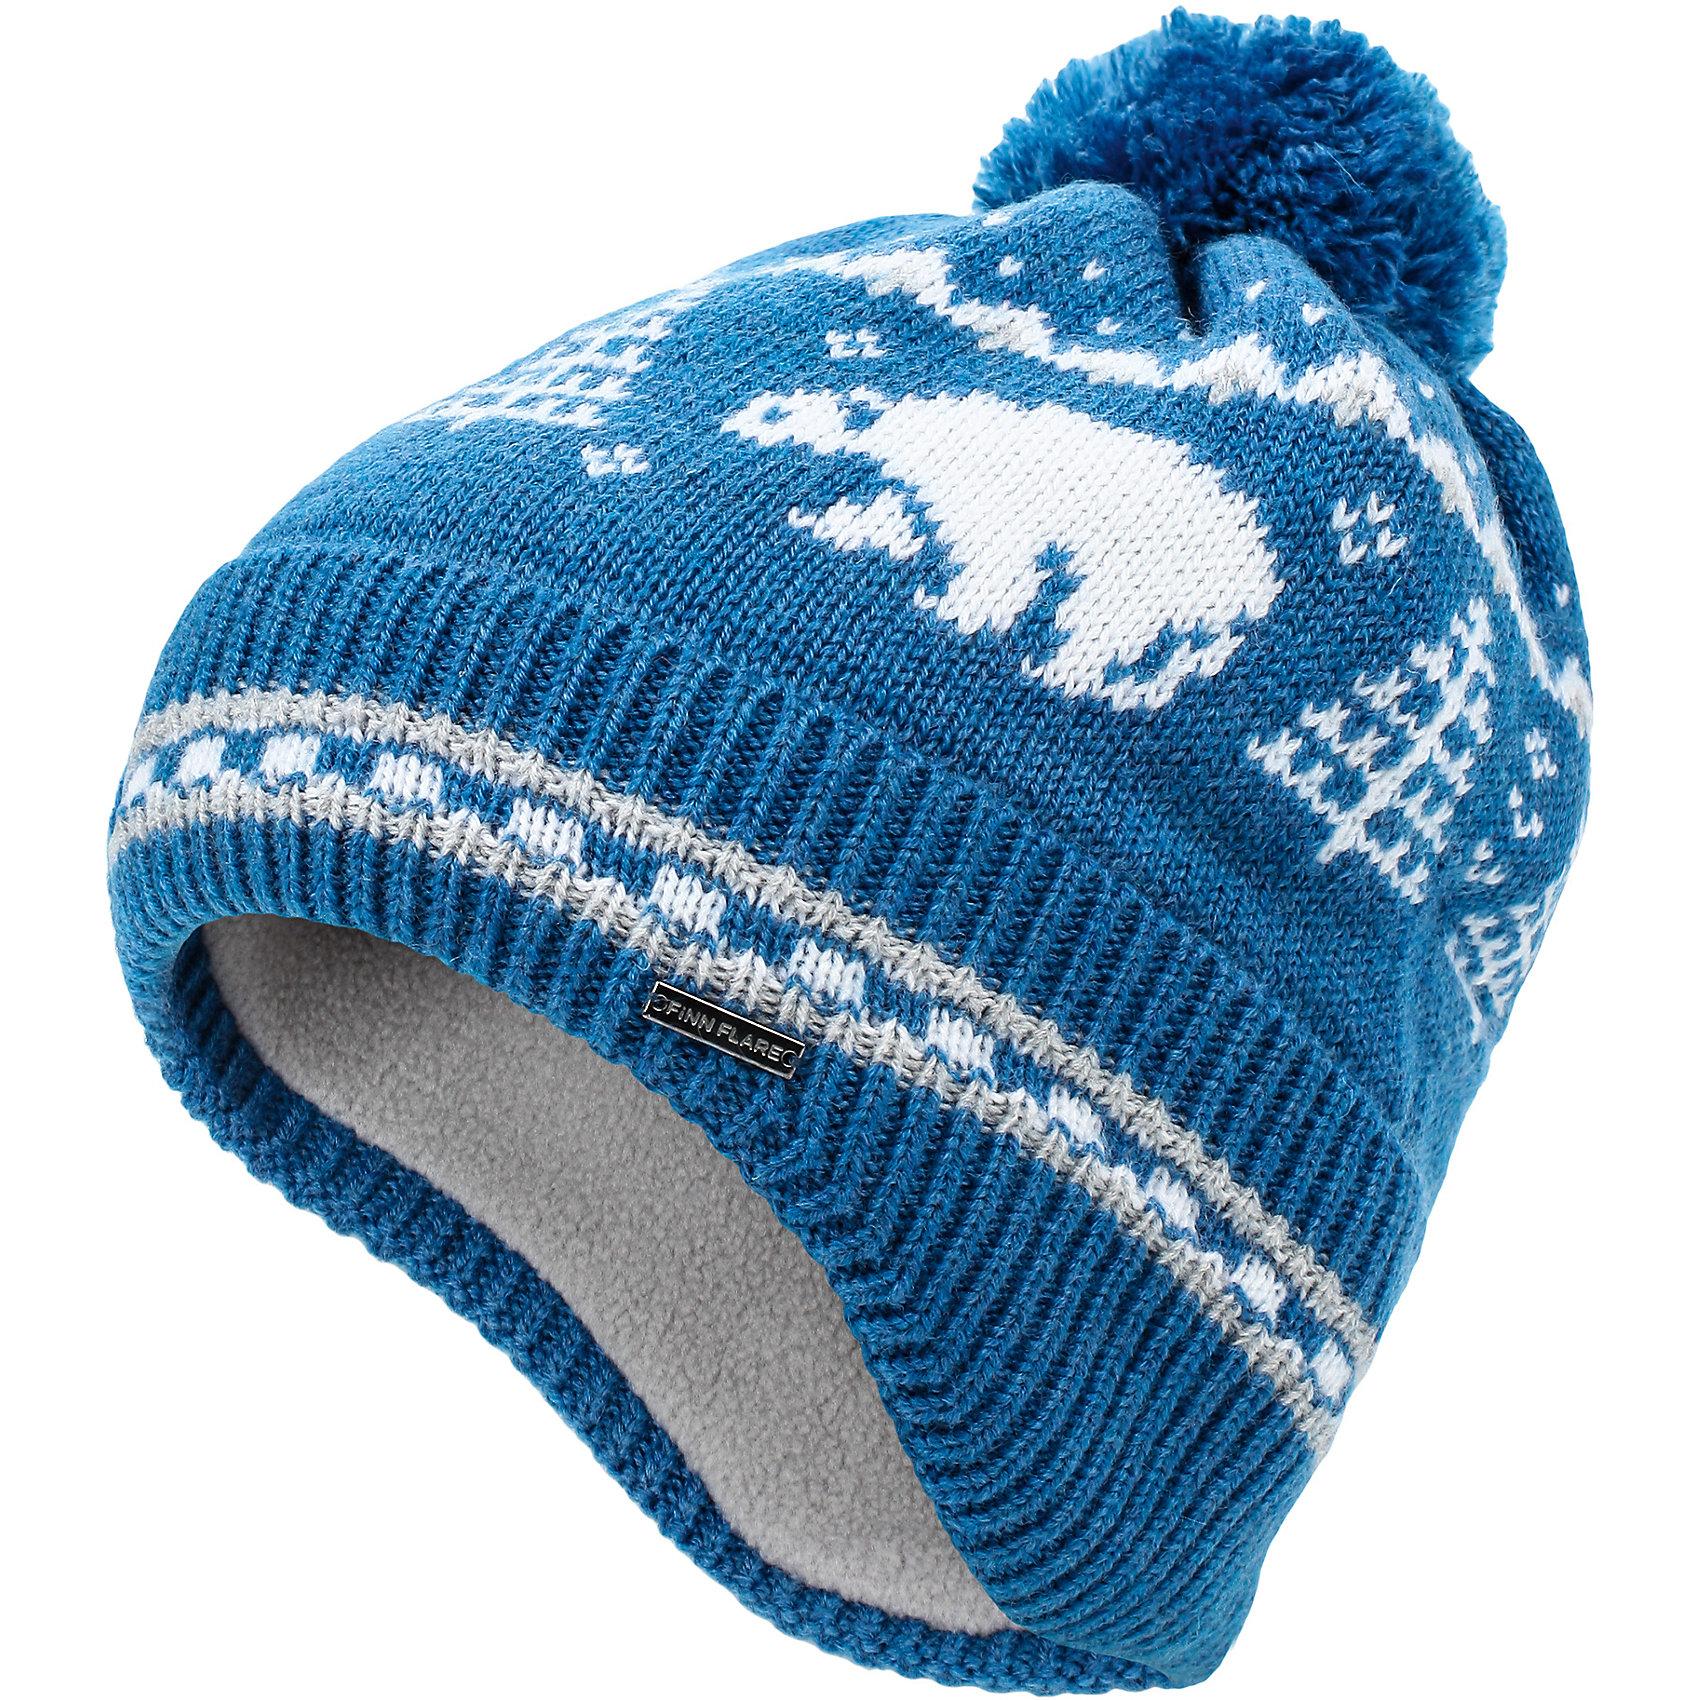 Шапка для мальчика Finn FlareДетская шапочка для мальчика украшена изображением белого мишки. Вязаная шерстяная шапка на мягкой подкладке предназначена для холодной осени и ранней весны. На задней части шапочки имеется удлиненный манжет, который защищает шейку ребенка от ветра и холода. Шапка дополнена круглым помпоном из ниток в тон шапки. <br><br>Состав: 60% шерсть, 40% акрил<br>Подкладка: 100% полиэстер<br><br>Шапку для мальчика Finn Flare можно купить в нашем интернет-магазине.<br><br>Ширина мм: 89<br>Глубина мм: 117<br>Высота мм: 44<br>Вес г: 155<br>Цвет: синий<br>Возраст от месяцев: 60<br>Возраст до месяцев: 72<br>Пол: Мужской<br>Возраст: Детский<br>Размер: 54<br>SKU: 4890376